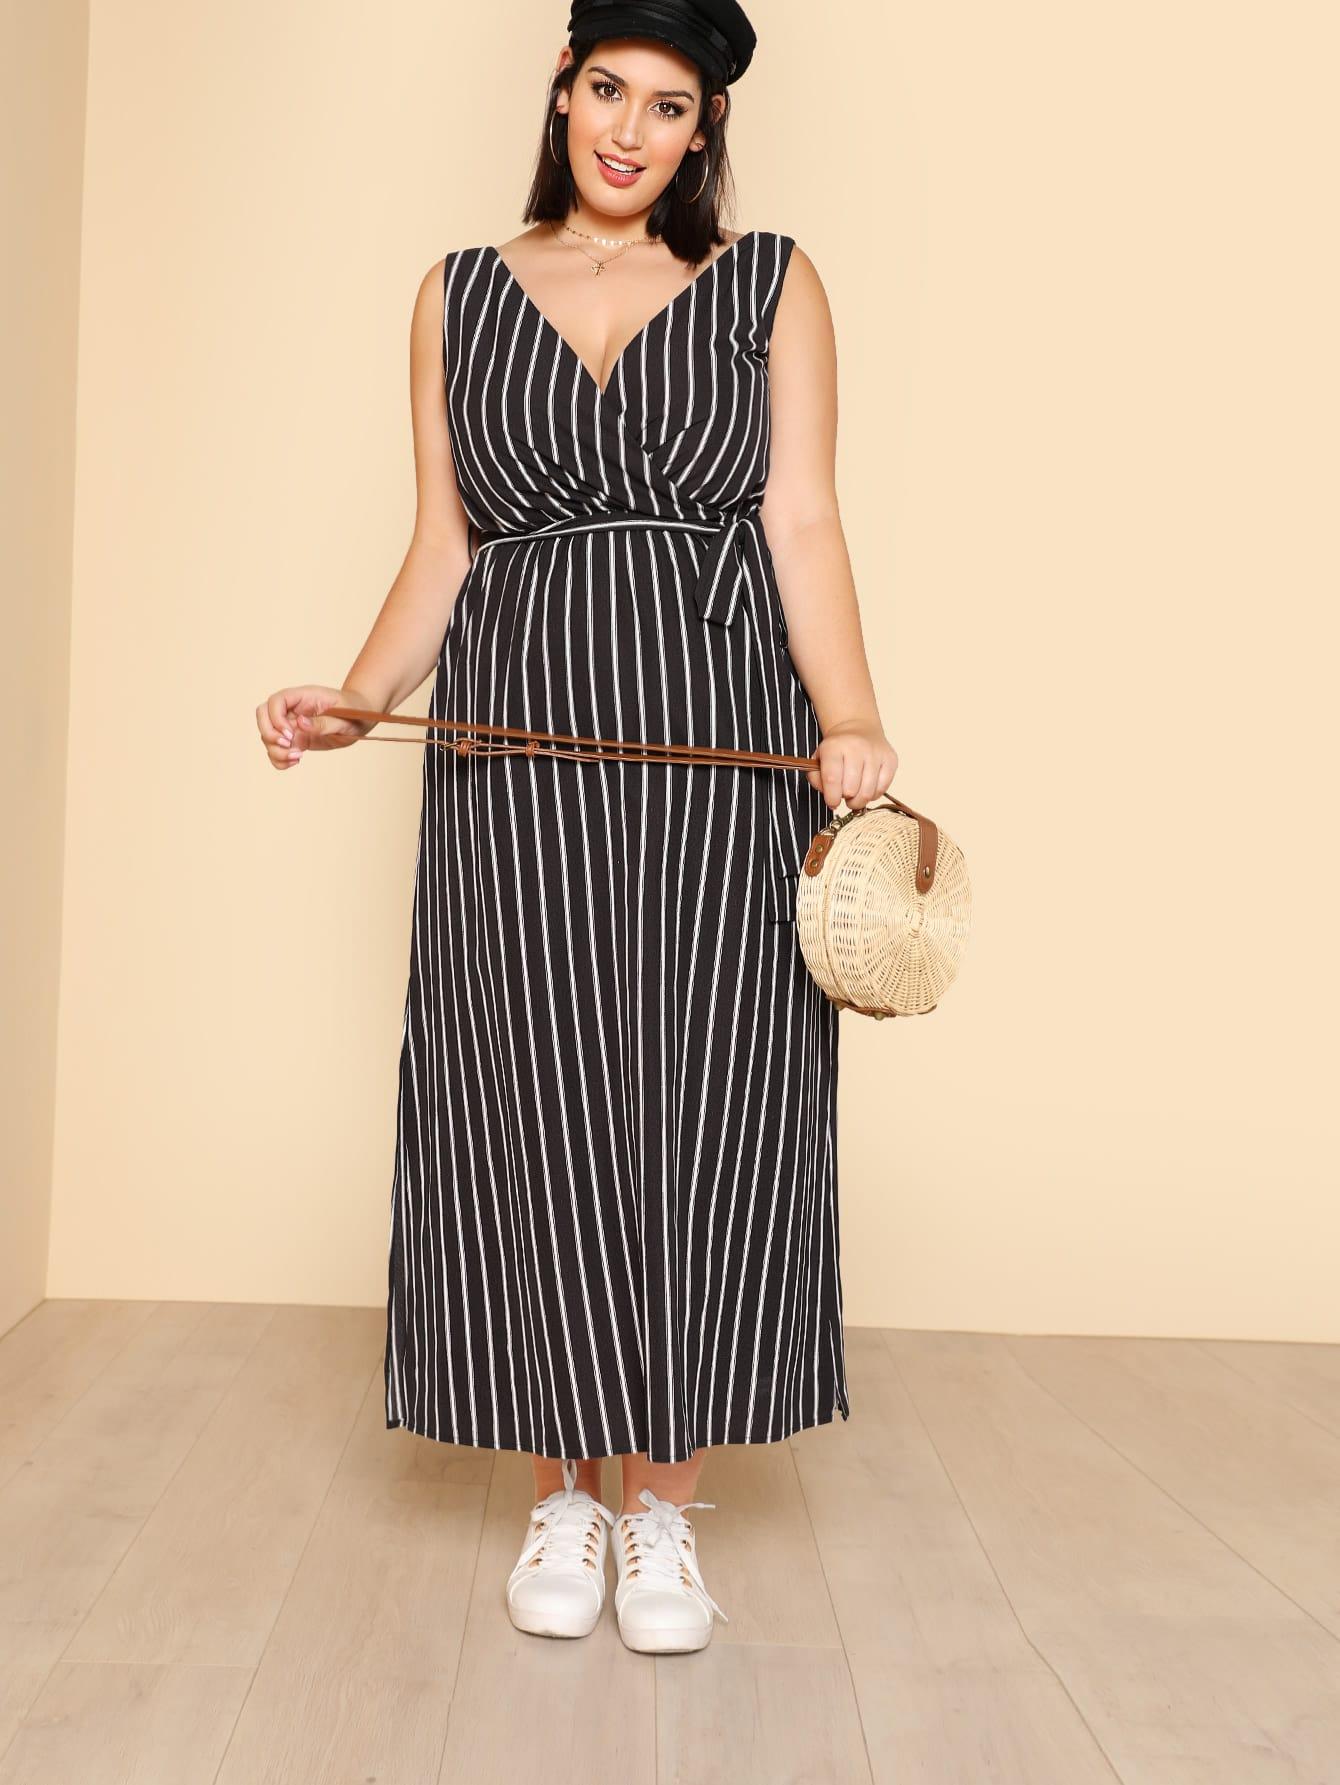 Self Belted Side Slit Pinstripe Dress self belted solid dress